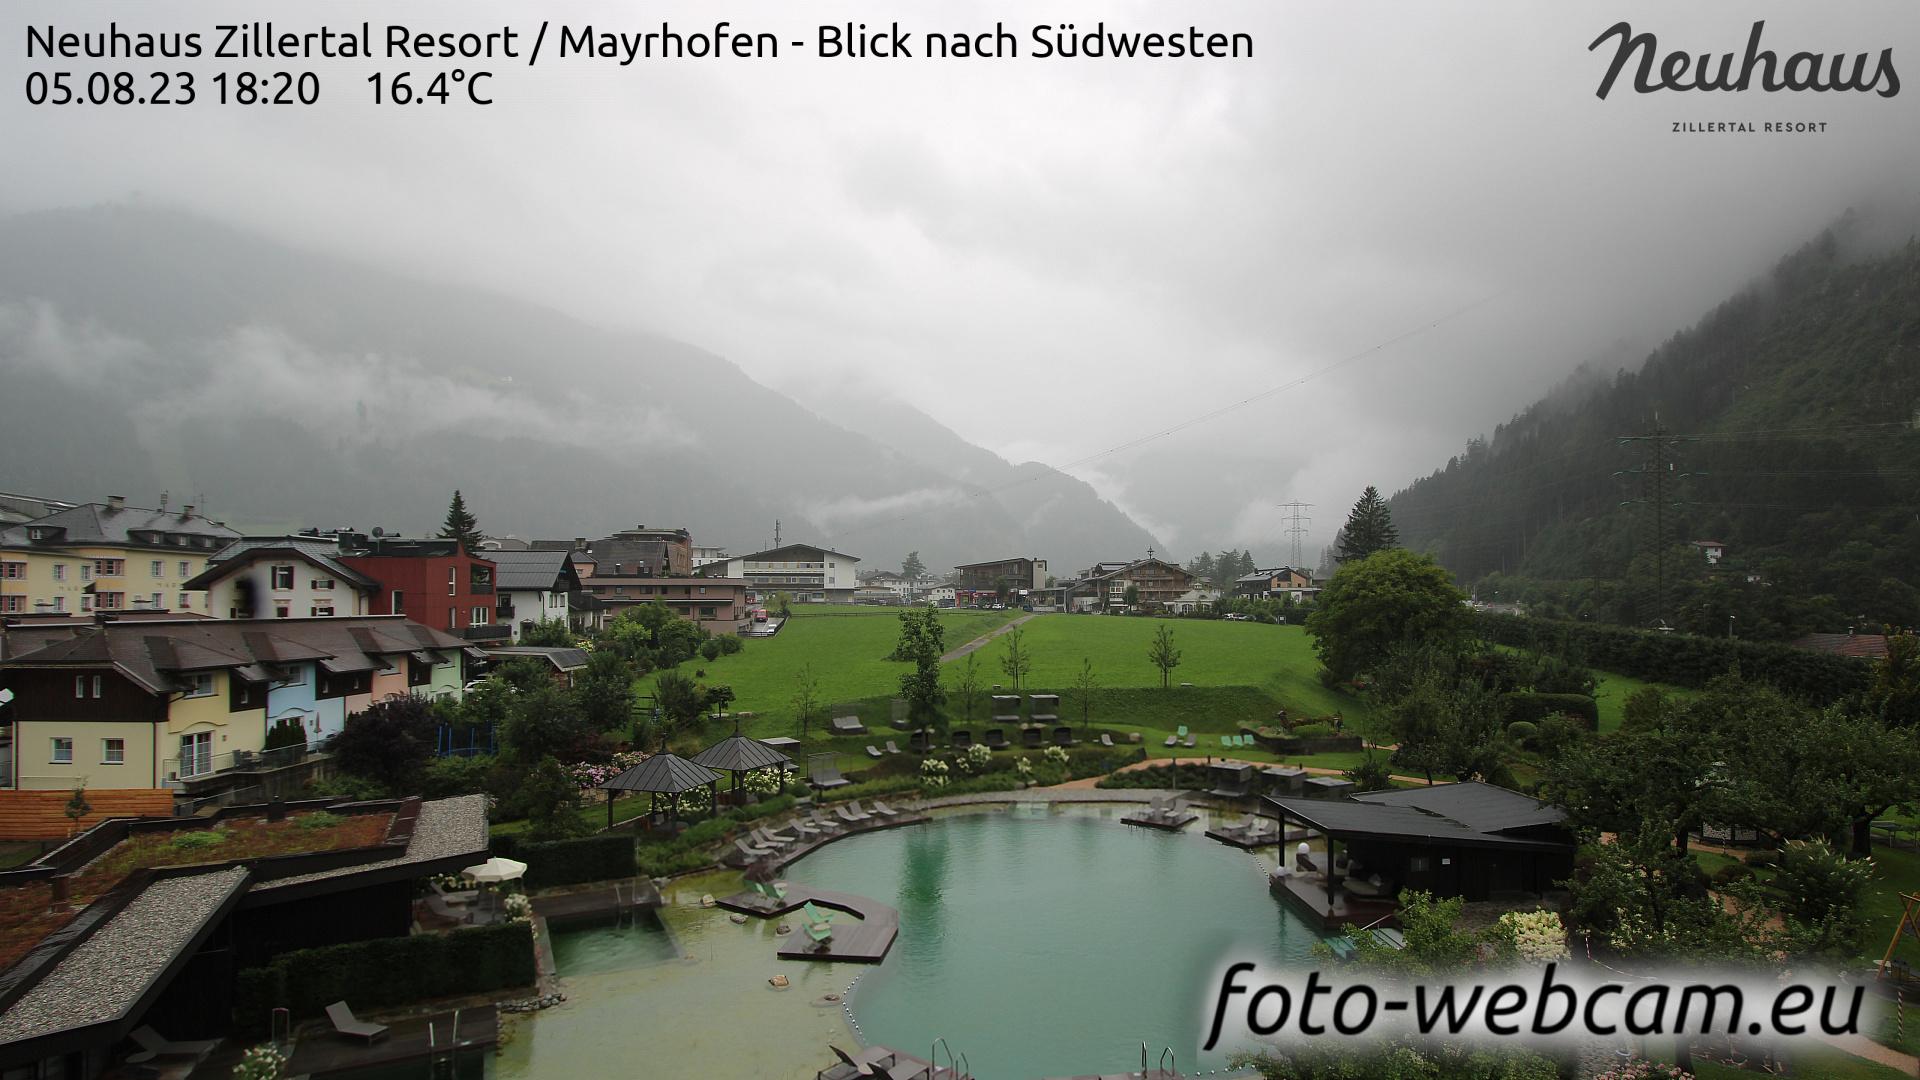 Mayrhofen Sun. 18:33